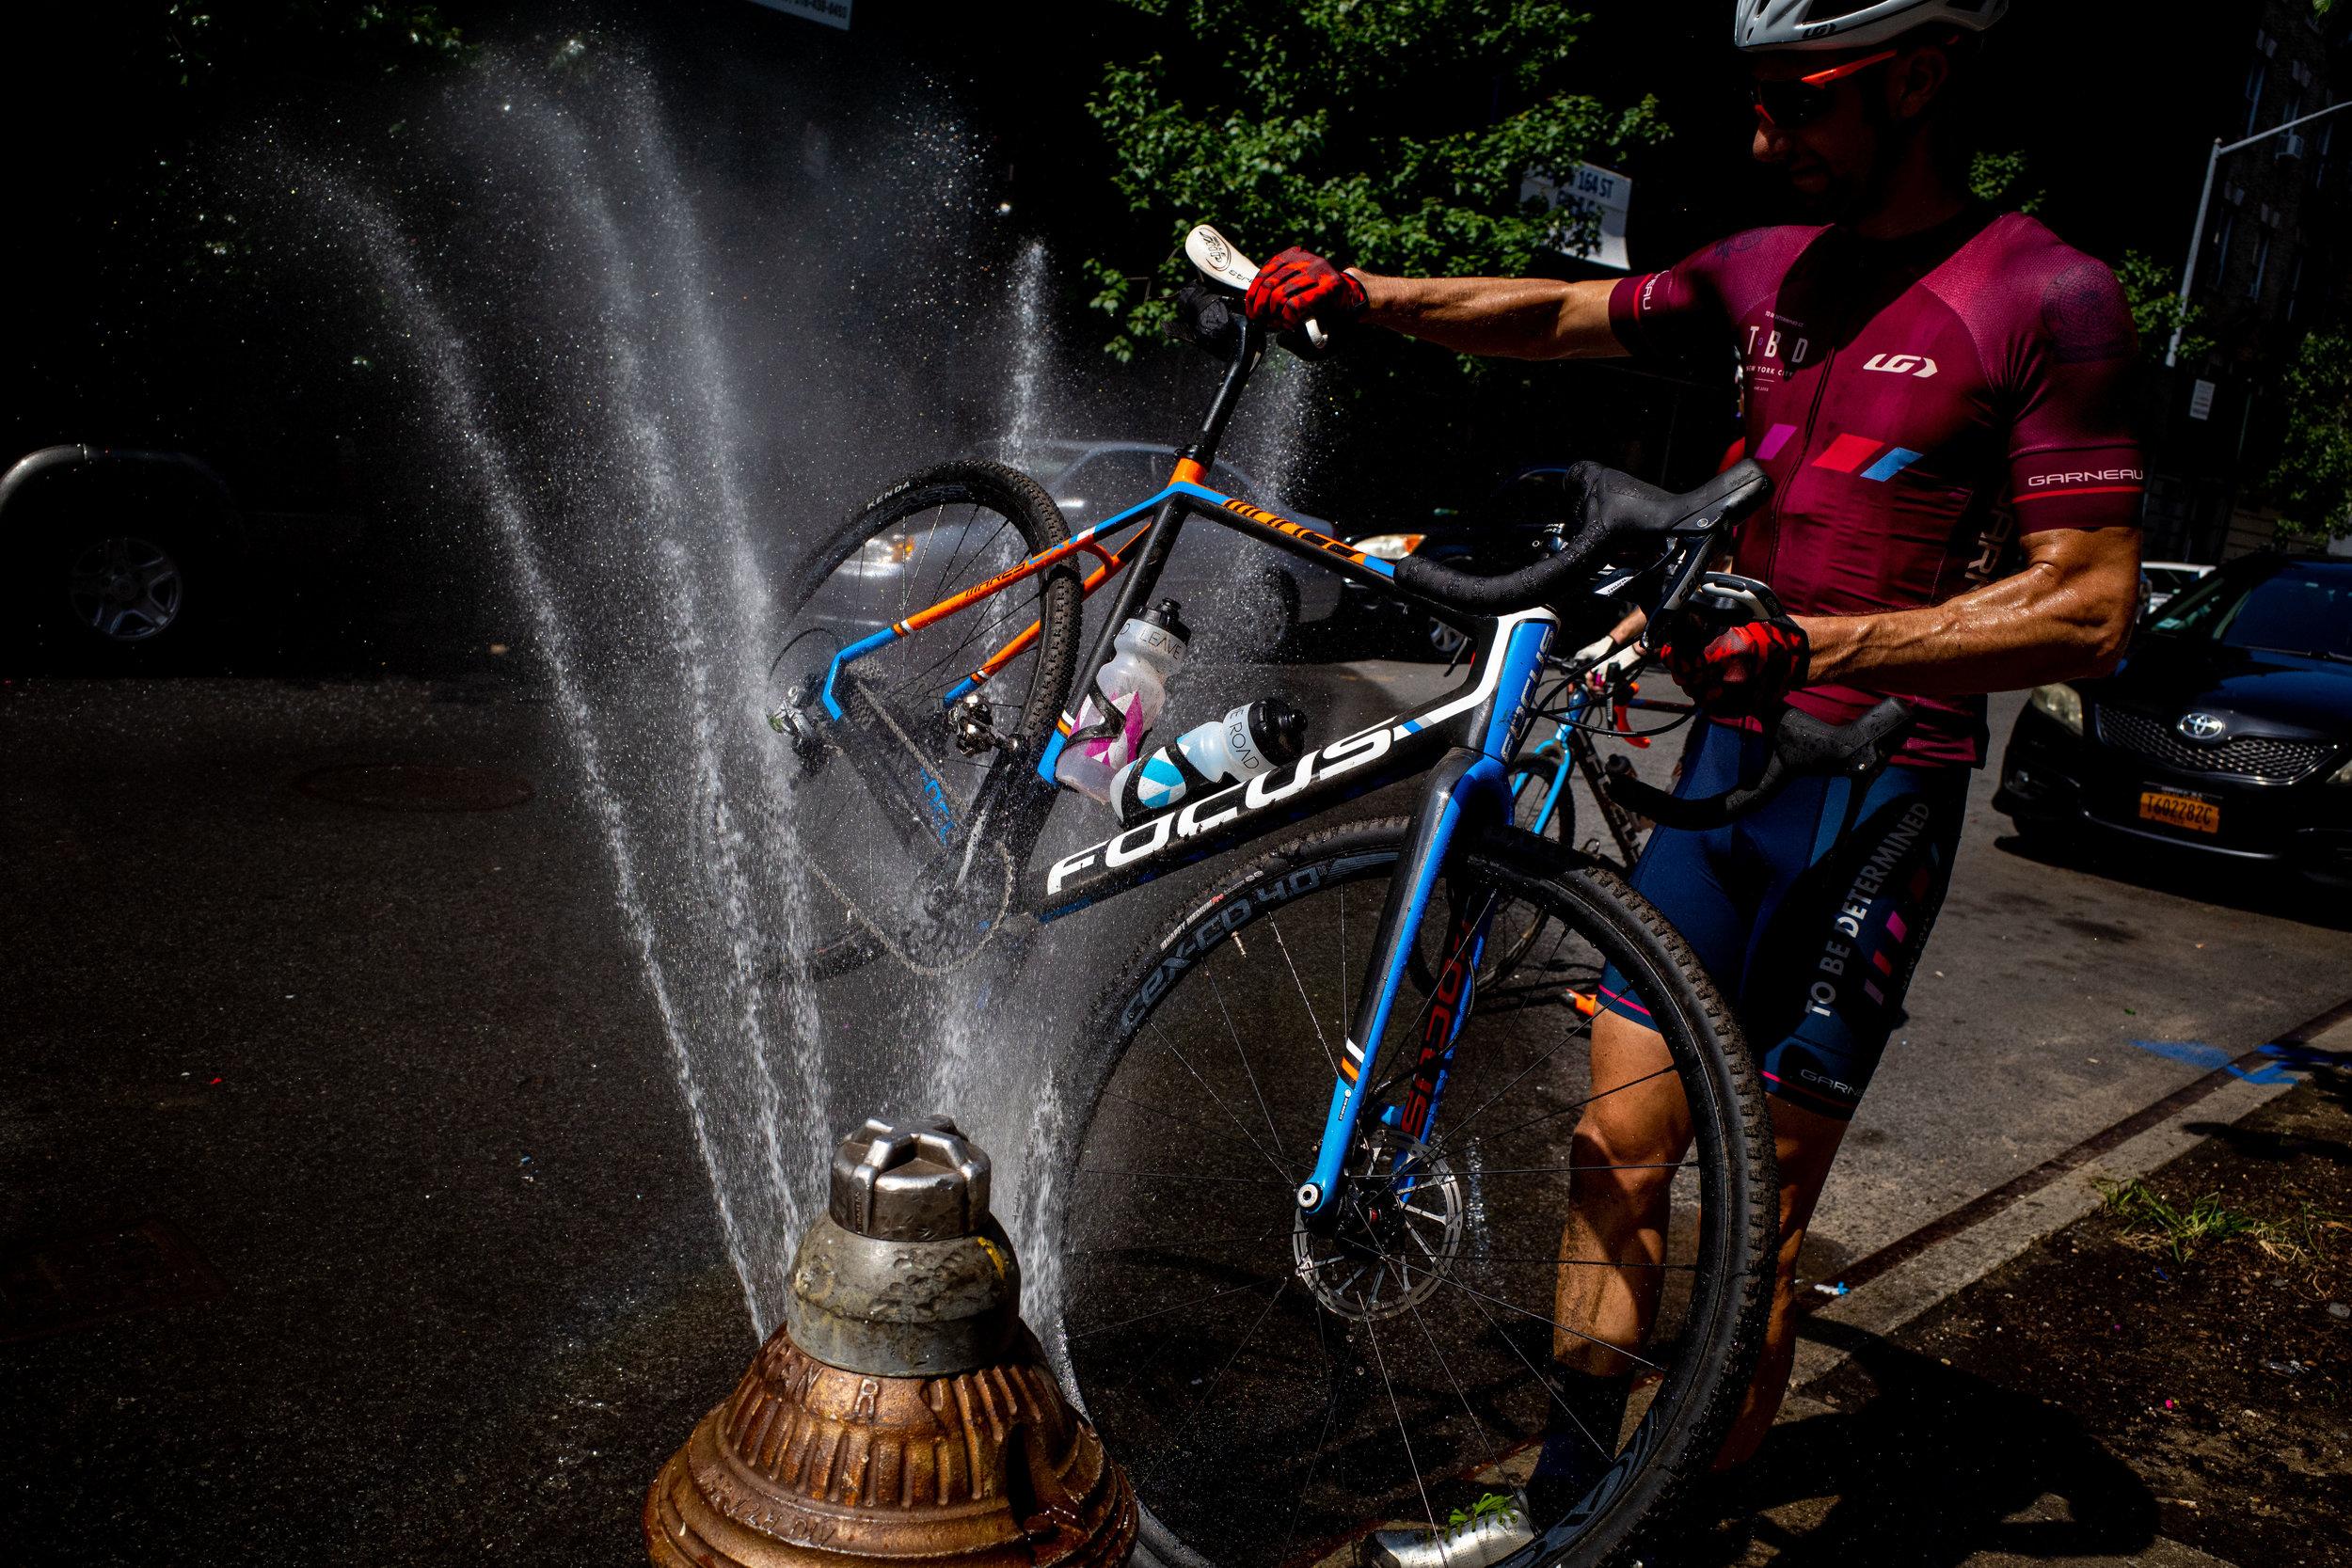 190721-190721_OCA_Ride-0101.jpg